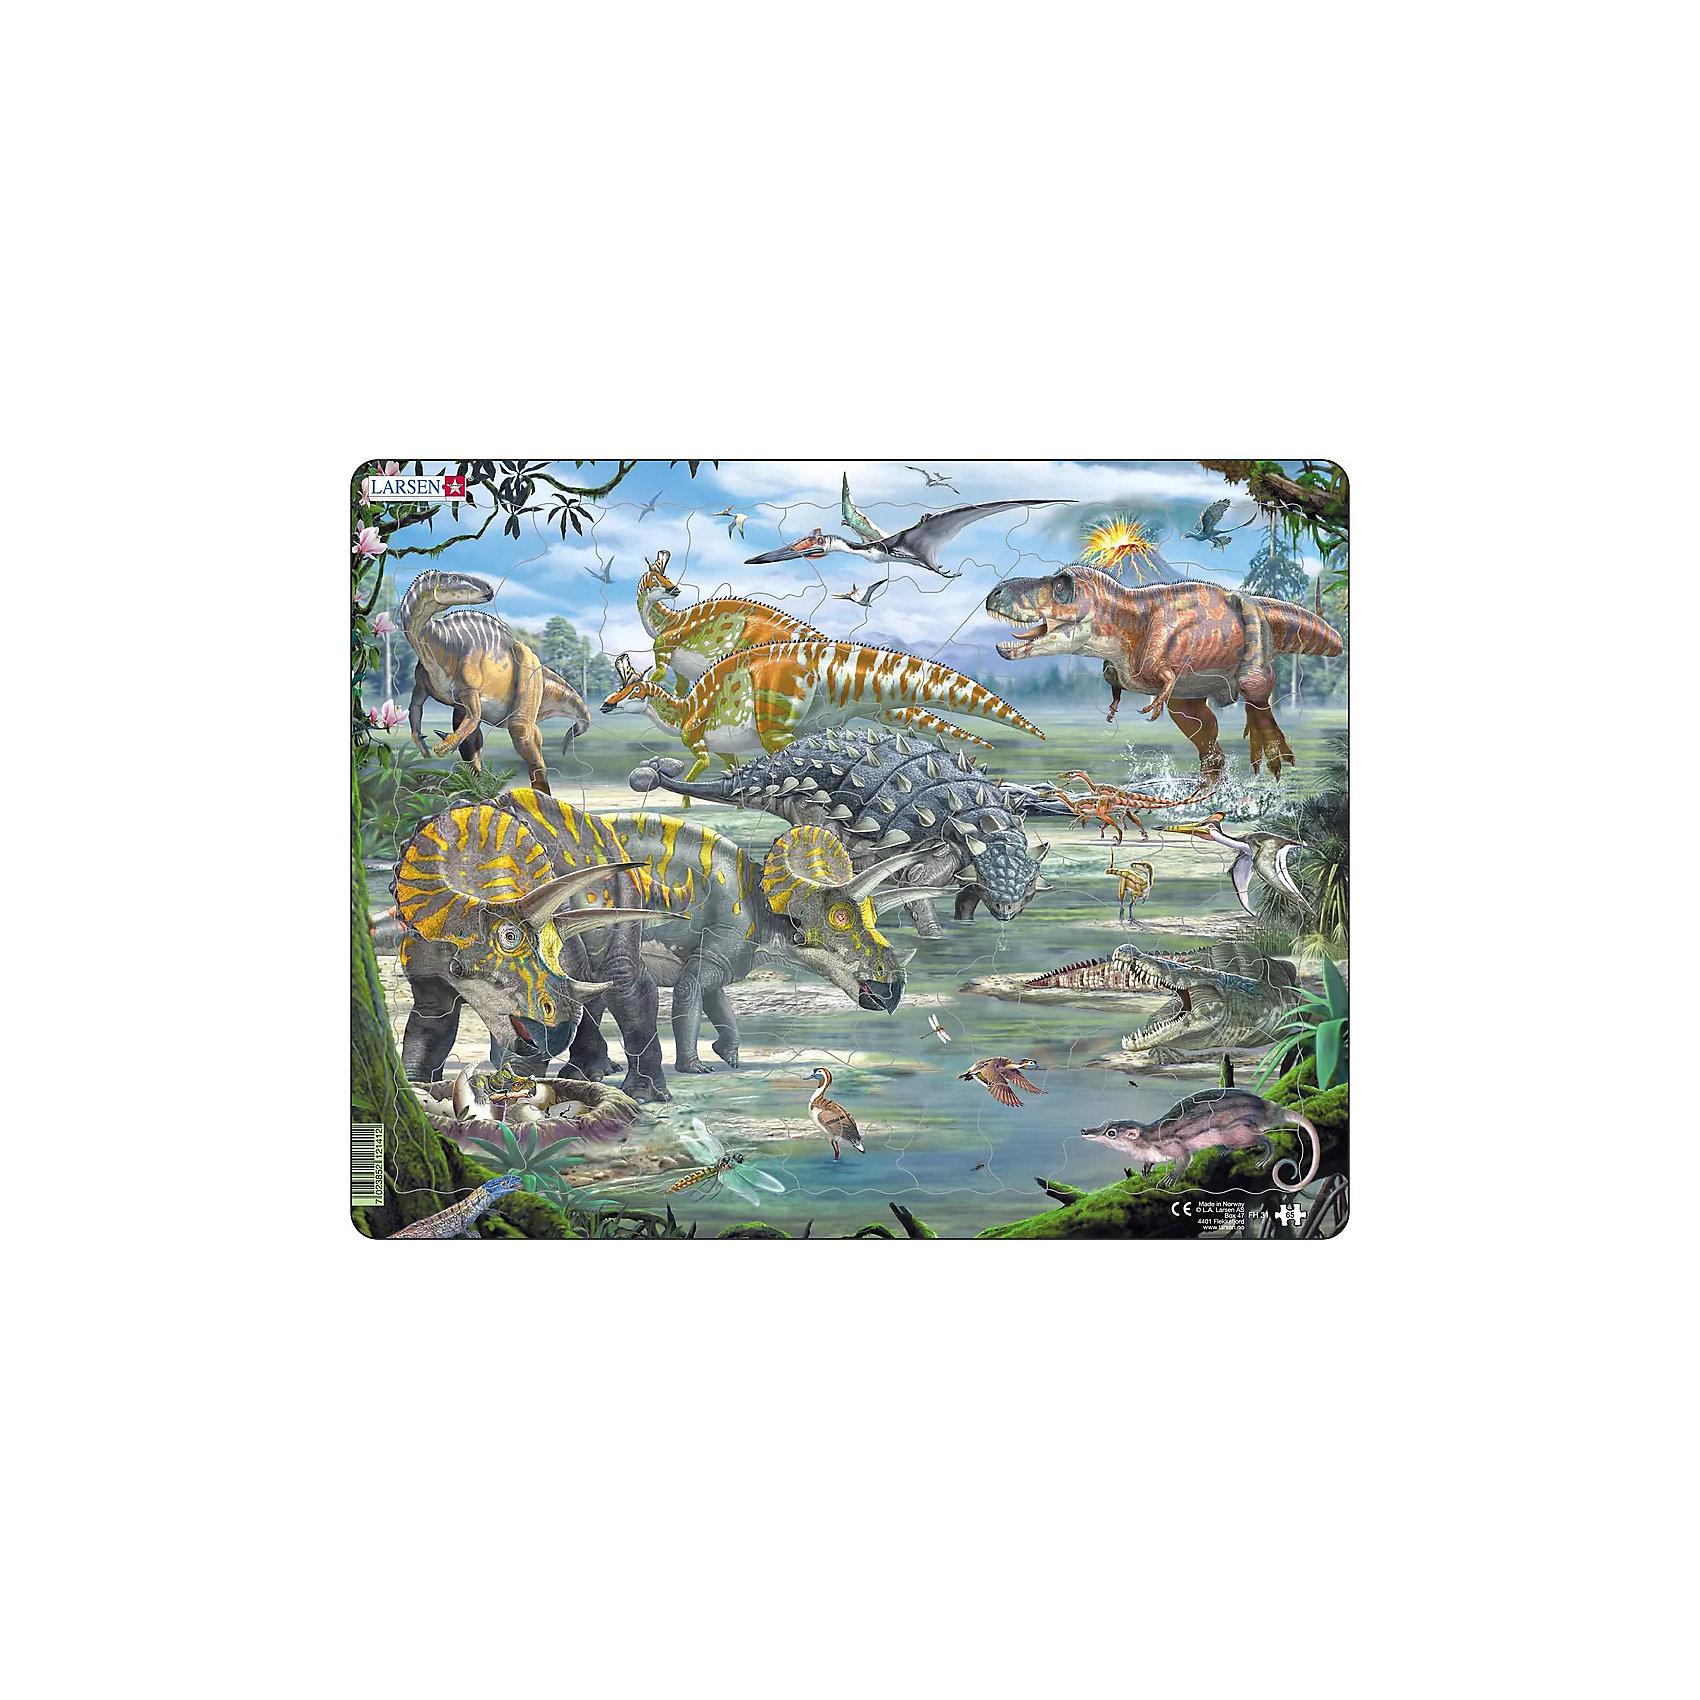 Пазл Динозавры, 65 деталей, LarsenПазлы для малышей<br>Новый пазл Динозавры от компании Larsen придется по вкусу детям, готовящимся к поступлению в школе или учащимся в первом классе! Виды сверху слева направо: Кетцалькоатлус, Микрораптор, Игуанодонт, Ламбеозавр, Тираннозавр Рекс, Трицератопс, Дромеозавр, Анкилозавр, Троодон, Птеродактиль, Крокодил, Ящерица, Вегавис, Стрекоза, Симолестес. Увлекательный пазл от знаменитой норвежской компании позволит детям познакомиться с различными видами динозавров. Пазл выполнен в ярких, красочных цветах, а материалы, из которых он сделан, отличаются высоким качеством и абсолютно безопасны для вашего ребенка. Игра с пазлами развивает мелкую моторику рук, внимание, логическое мышление и творческое воображение. В наборе: 65 элементов пазла.<br><br>Ширина мм: 365<br>Глубина мм: 5<br>Высота мм: 285<br>Вес г: 320<br>Возраст от месяцев: 36<br>Возраст до месяцев: 1188<br>Пол: Унисекс<br>Возраст: Детский<br>Количество деталей: 65<br>SKU: 4761477